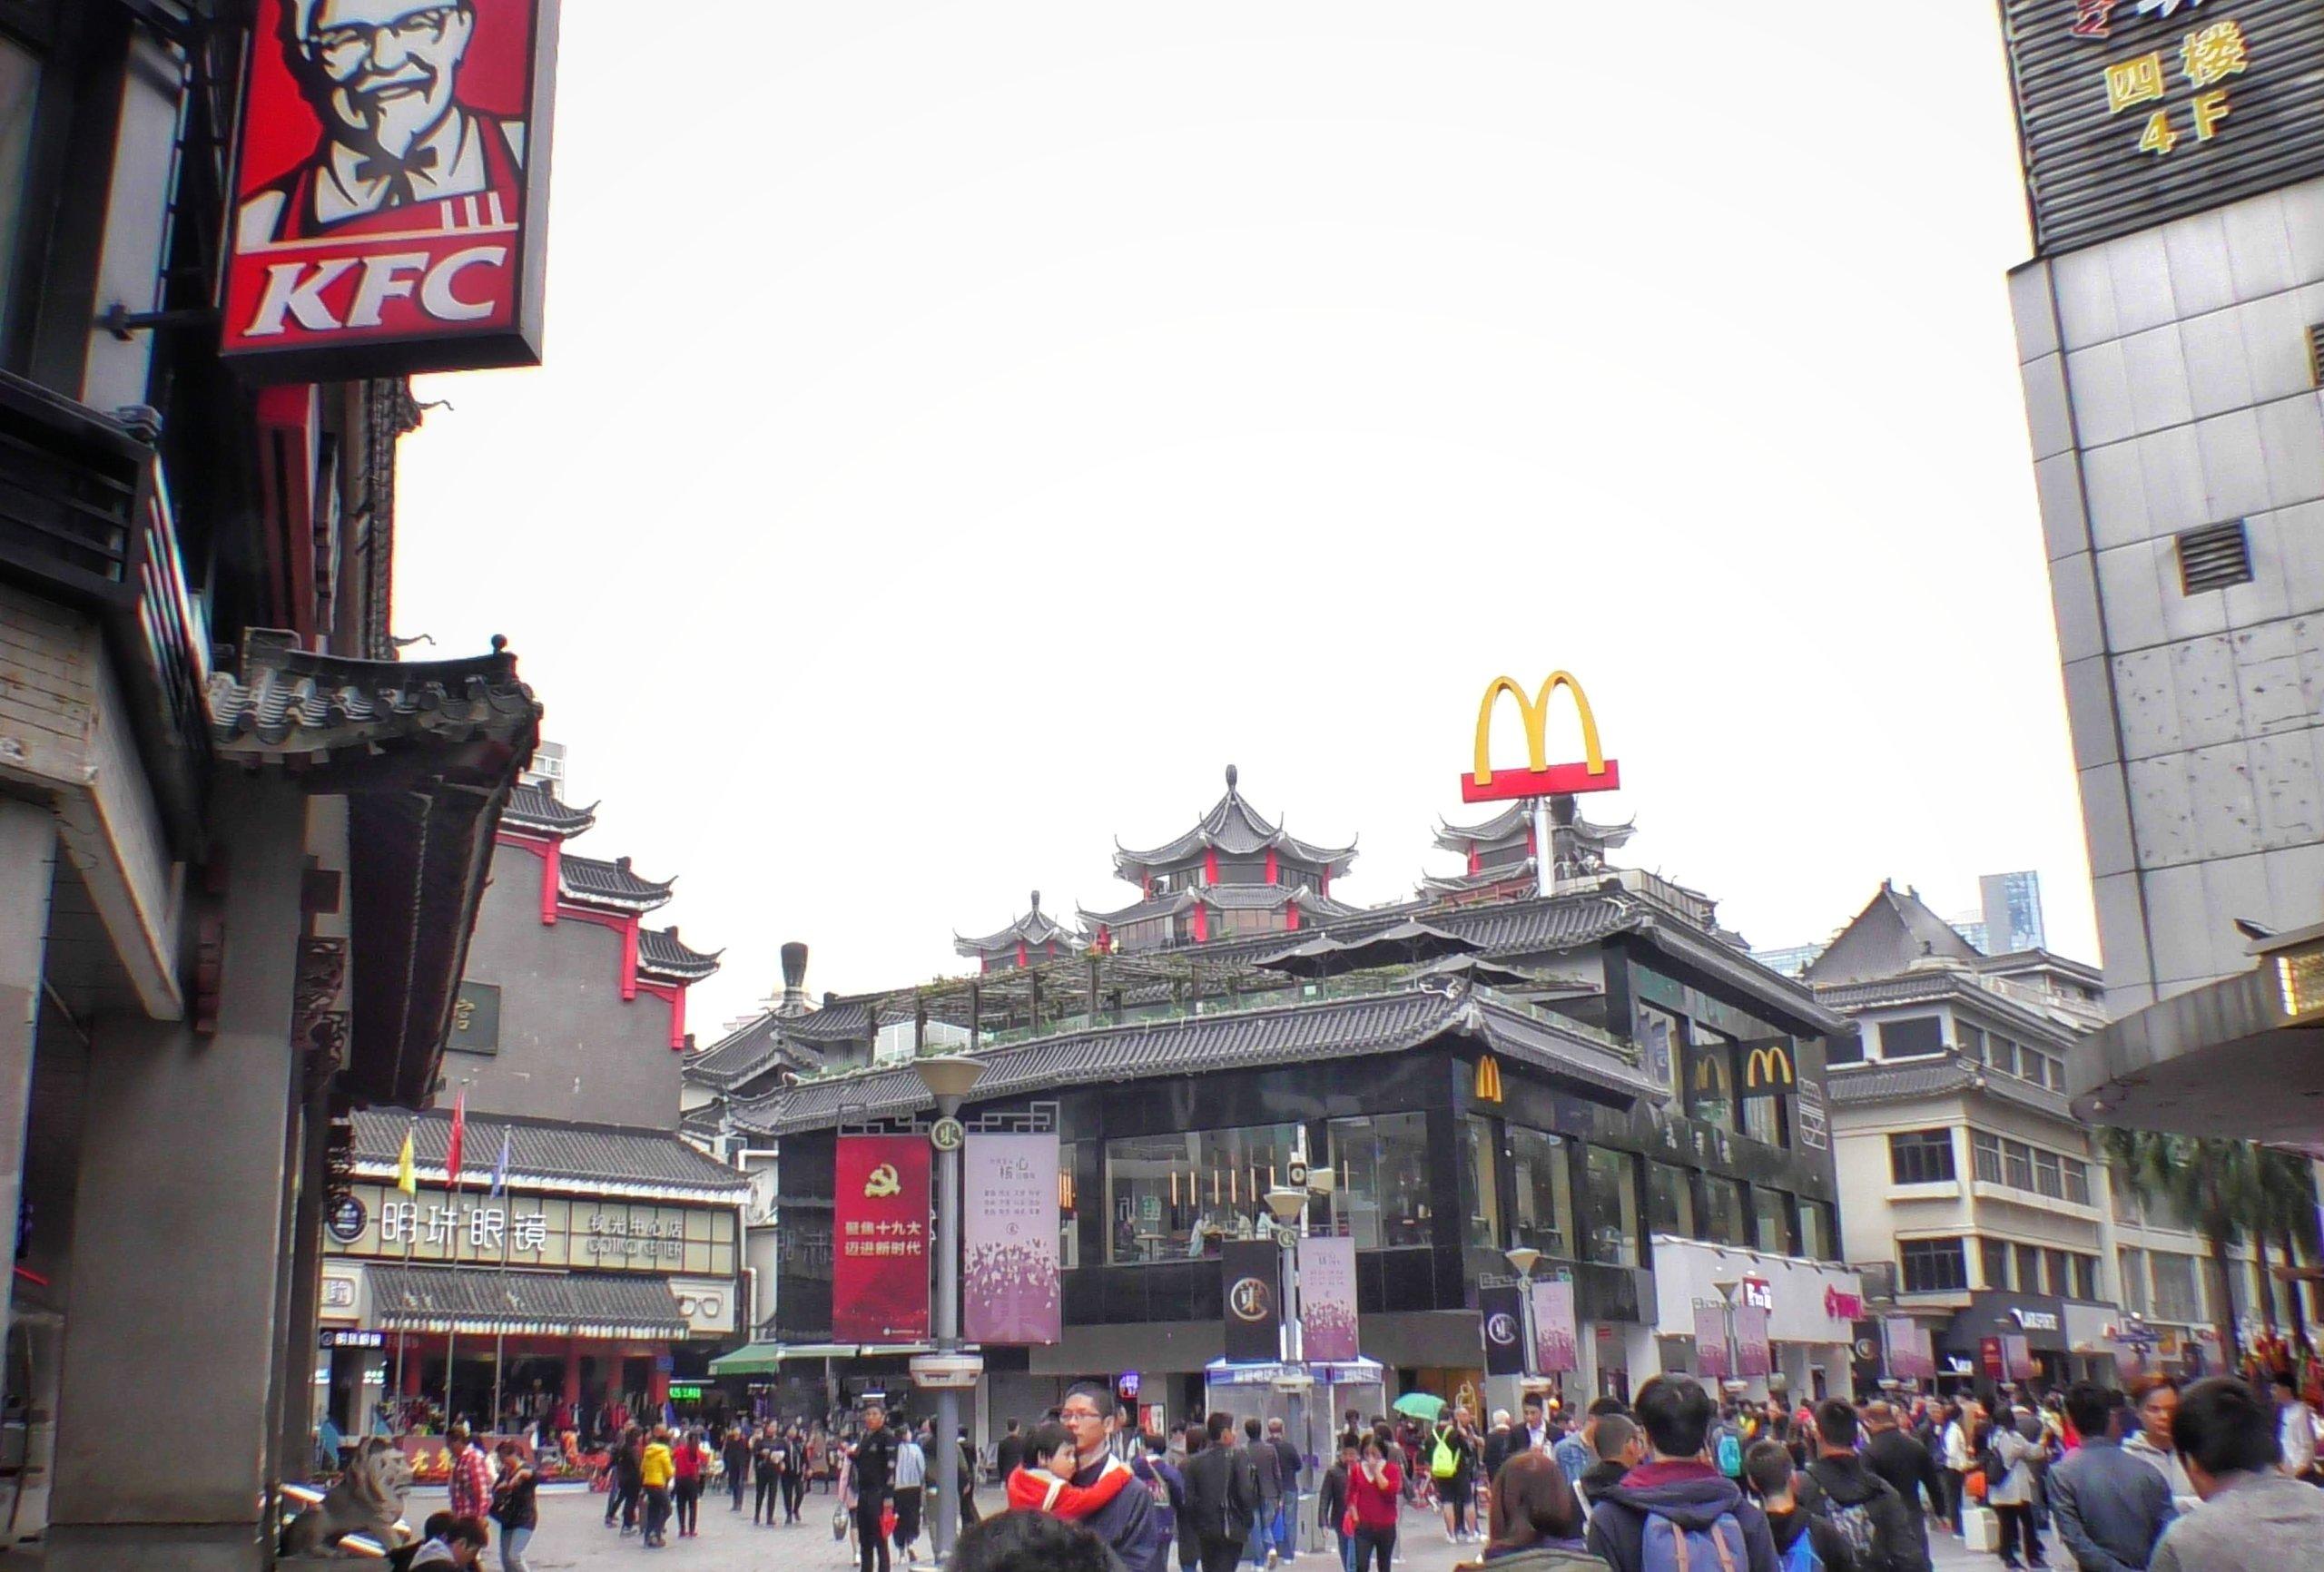 中華風のマクドナルドとケンタッキー,Chinese-style McDonald's and KFC